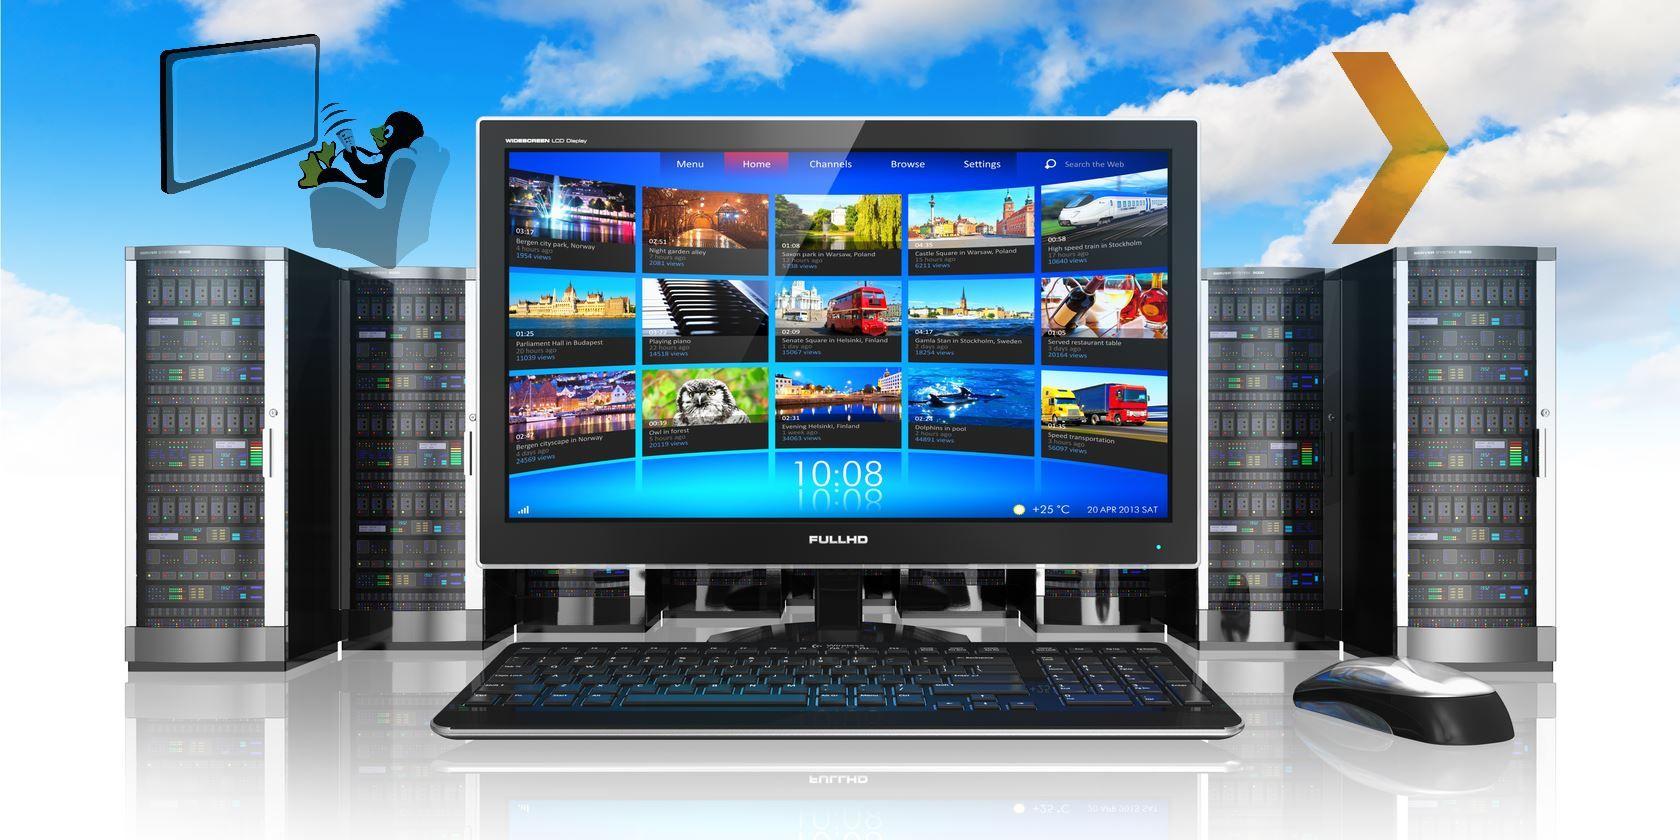 MakeUseOf | The 8 Best Media Server Software Options for